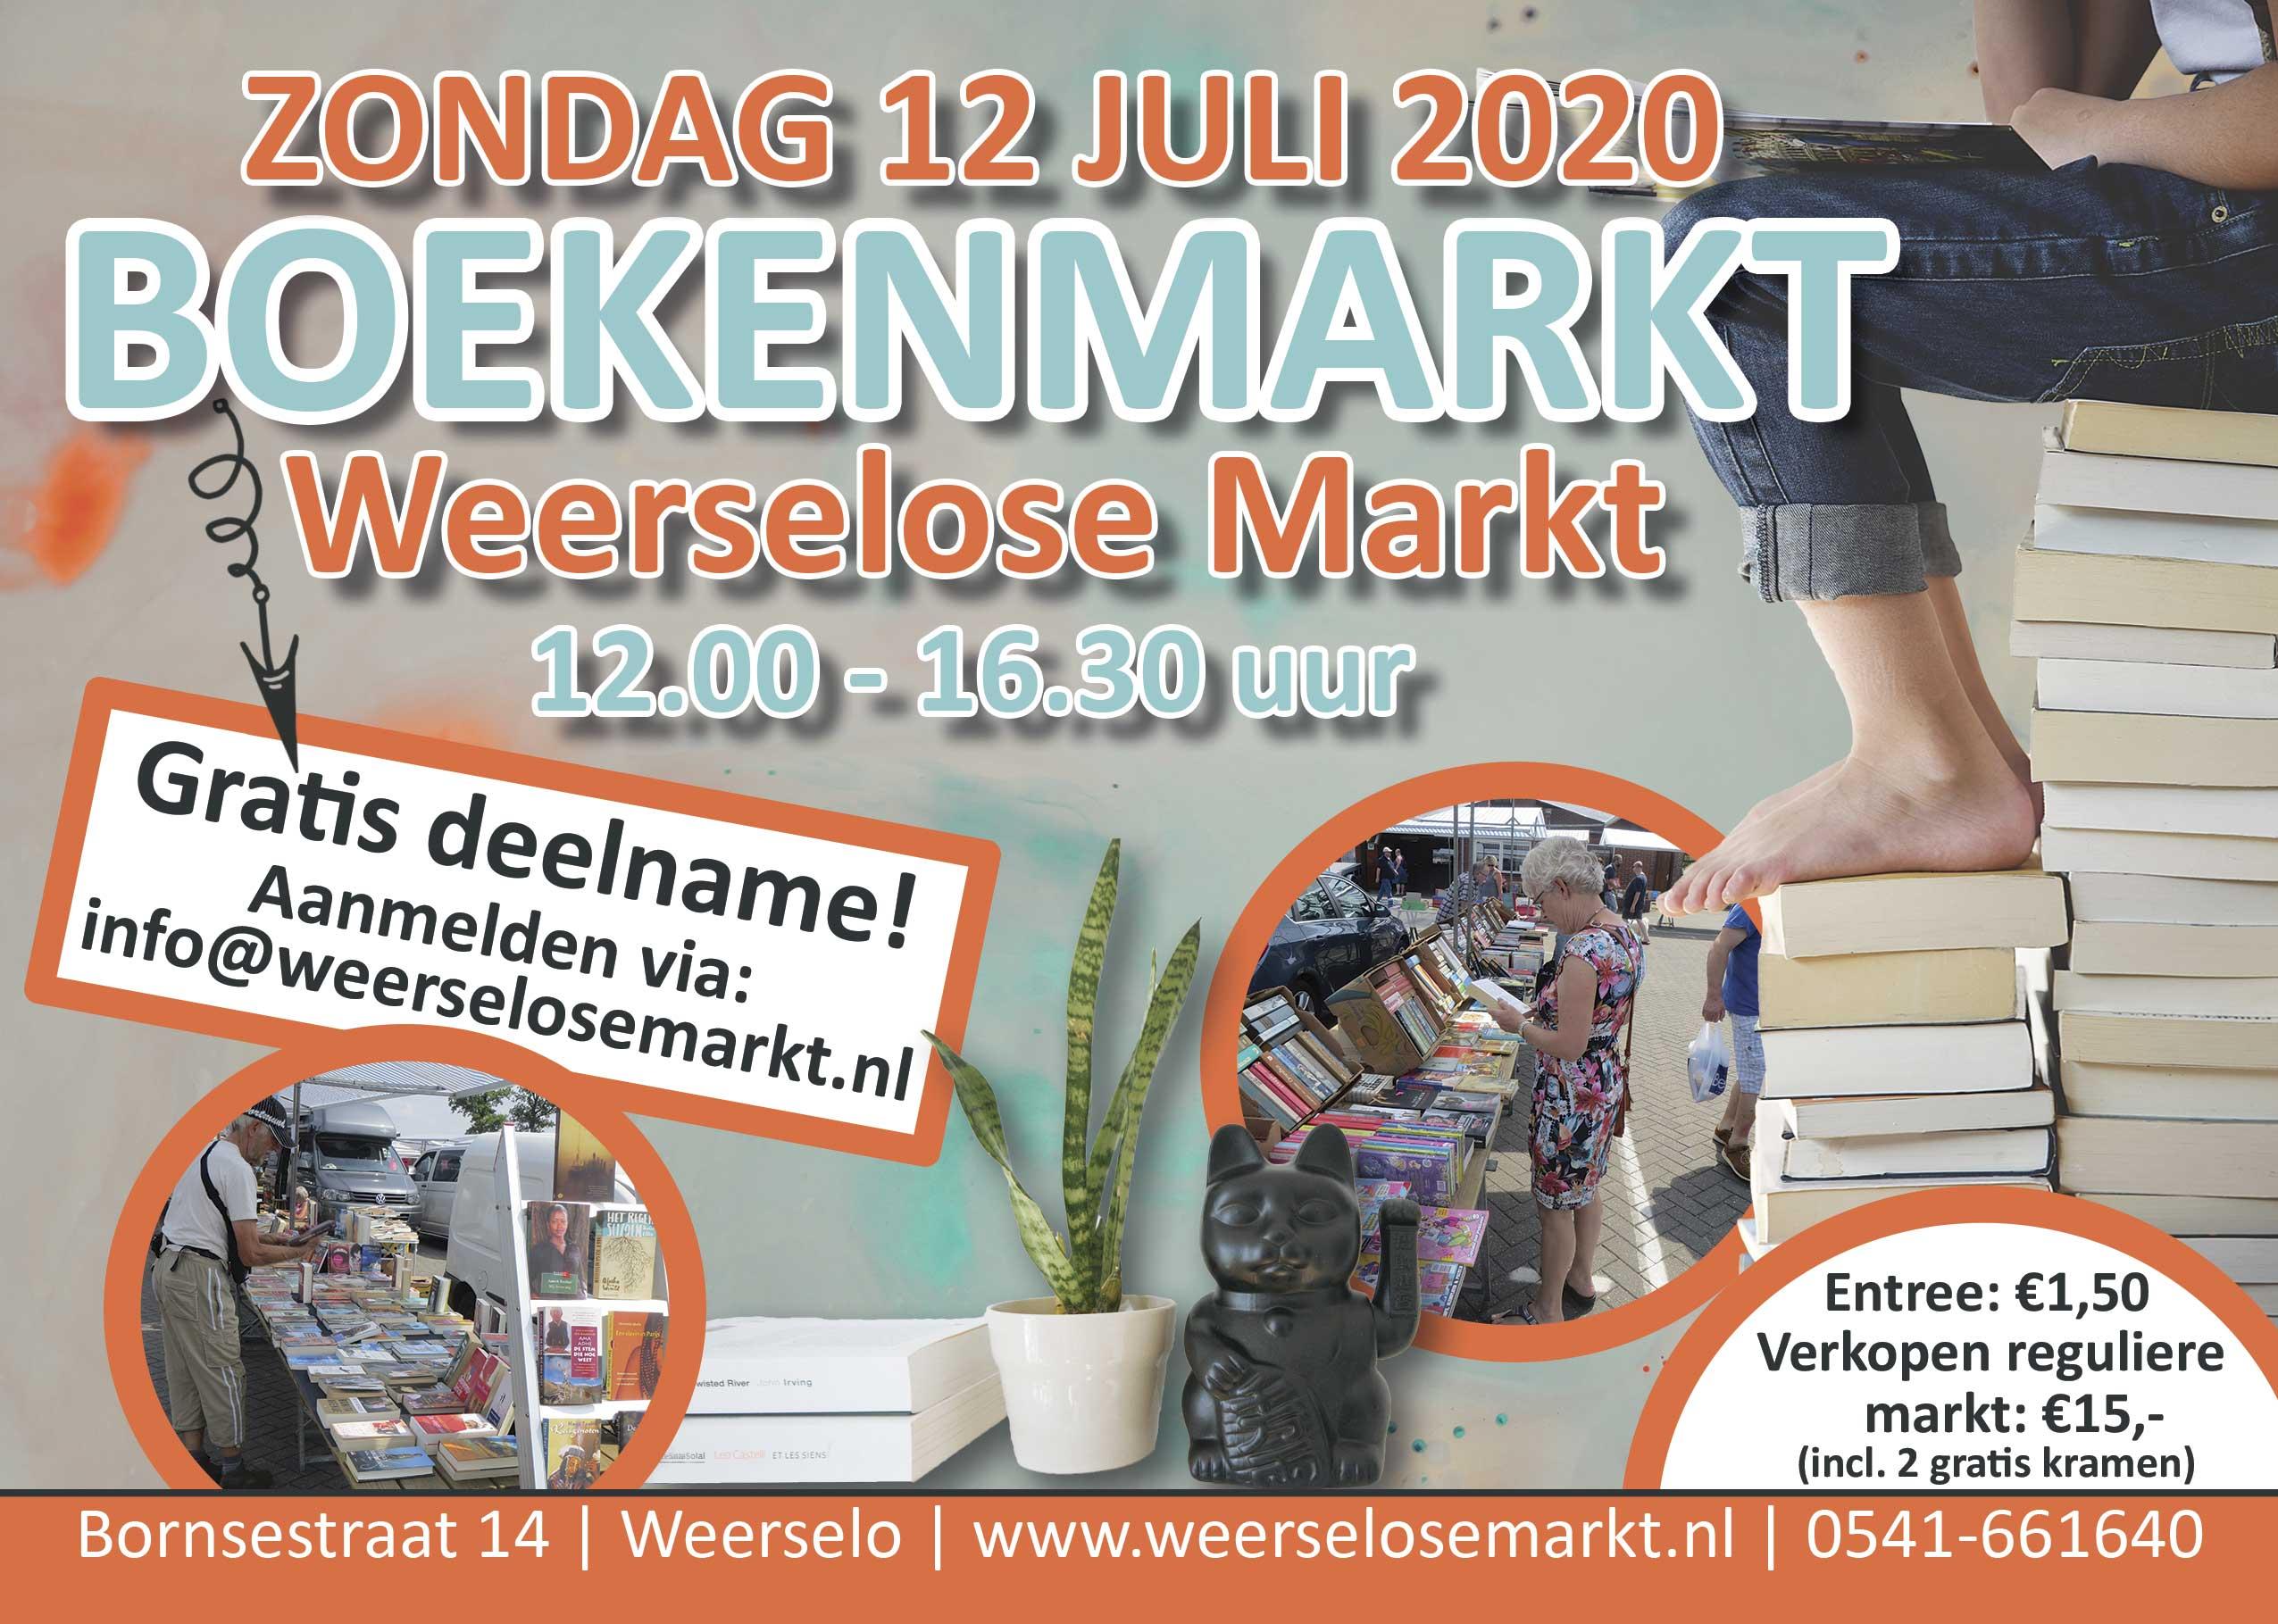 Boekenmarkt Weerselose Markt